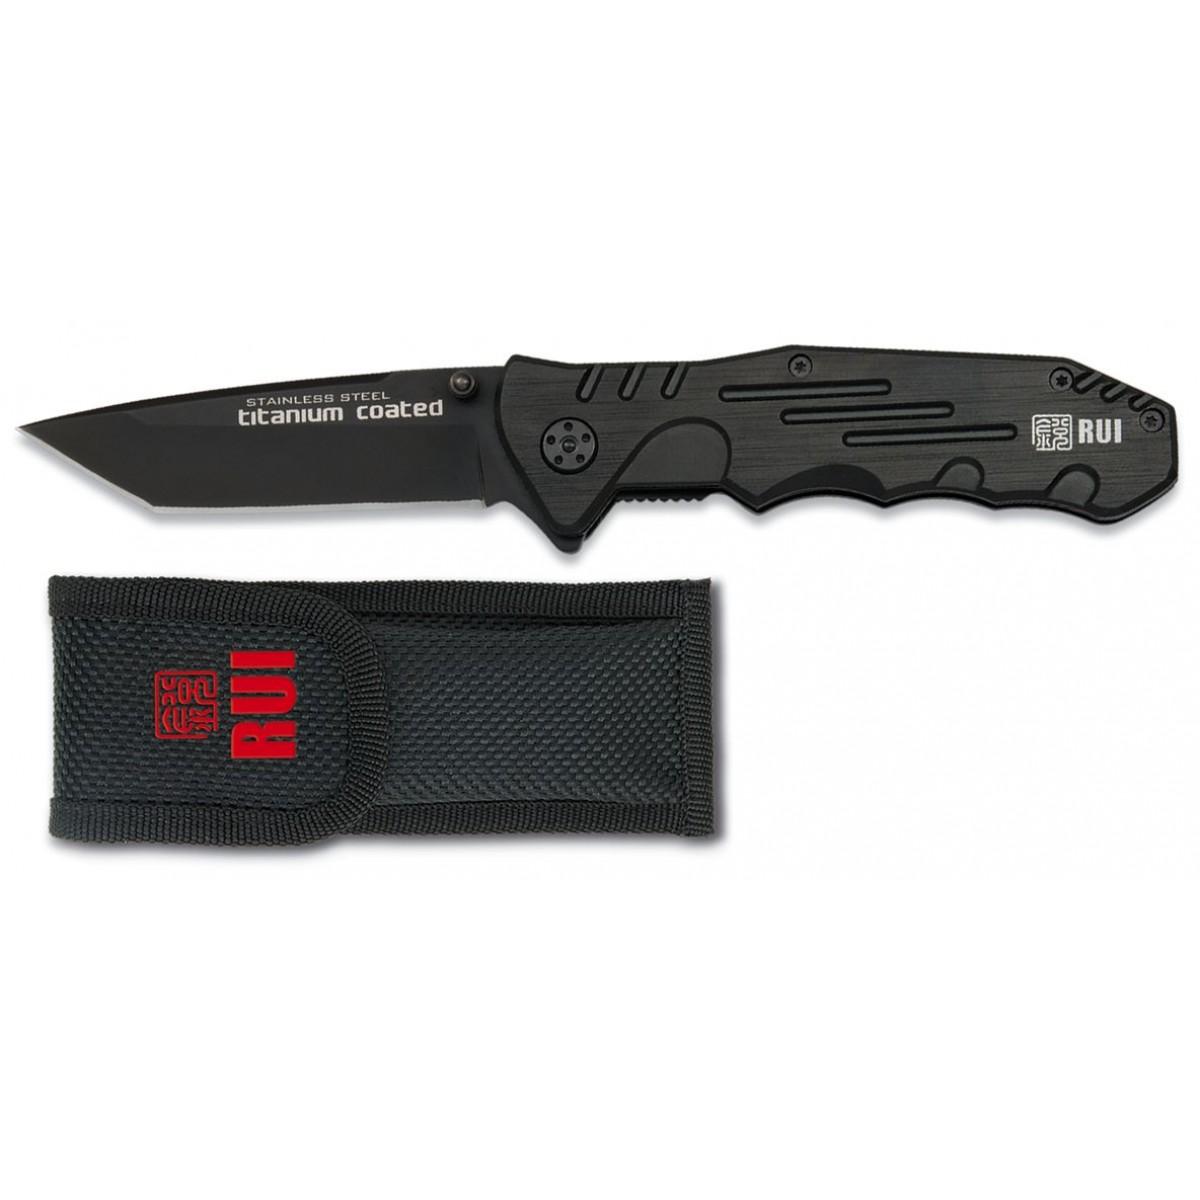 Couteau de poche Rui lame de 8,5 cm